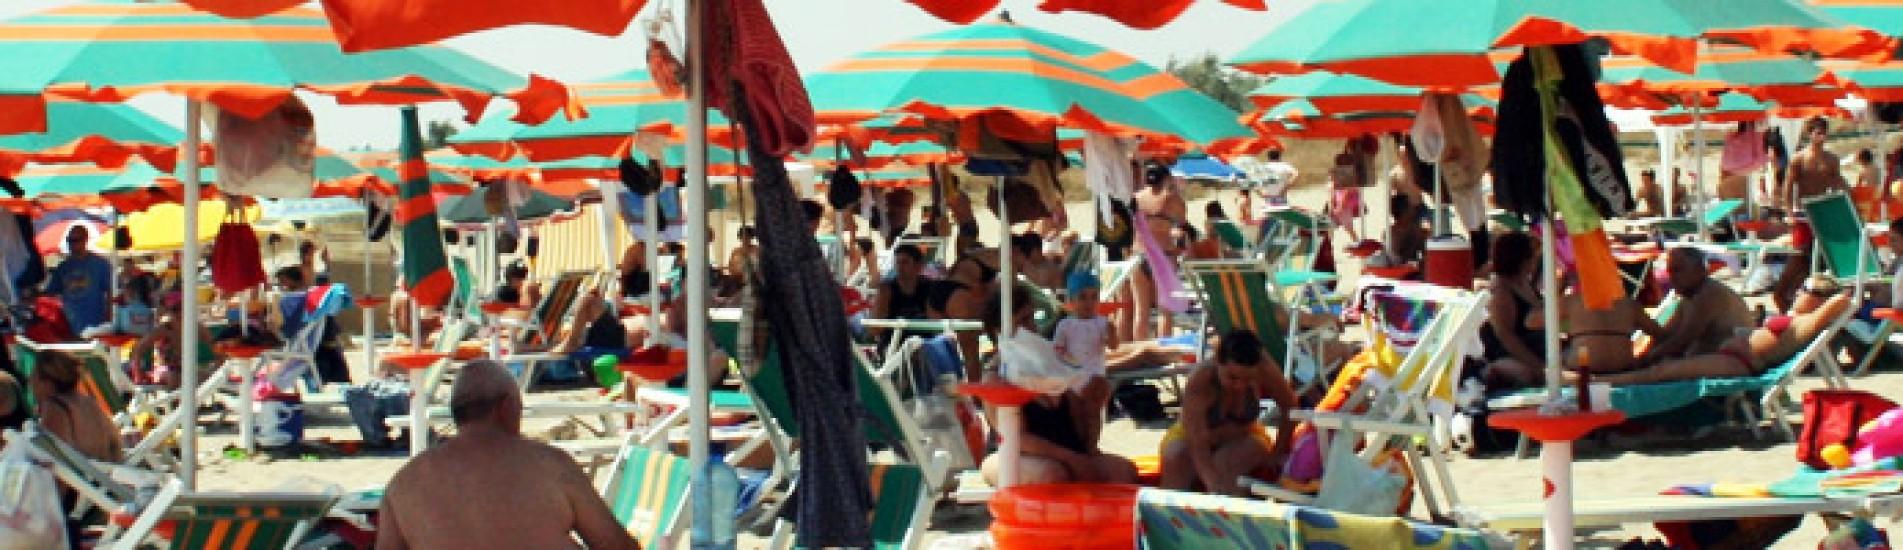 Camping Lido Salpi Manfredonia